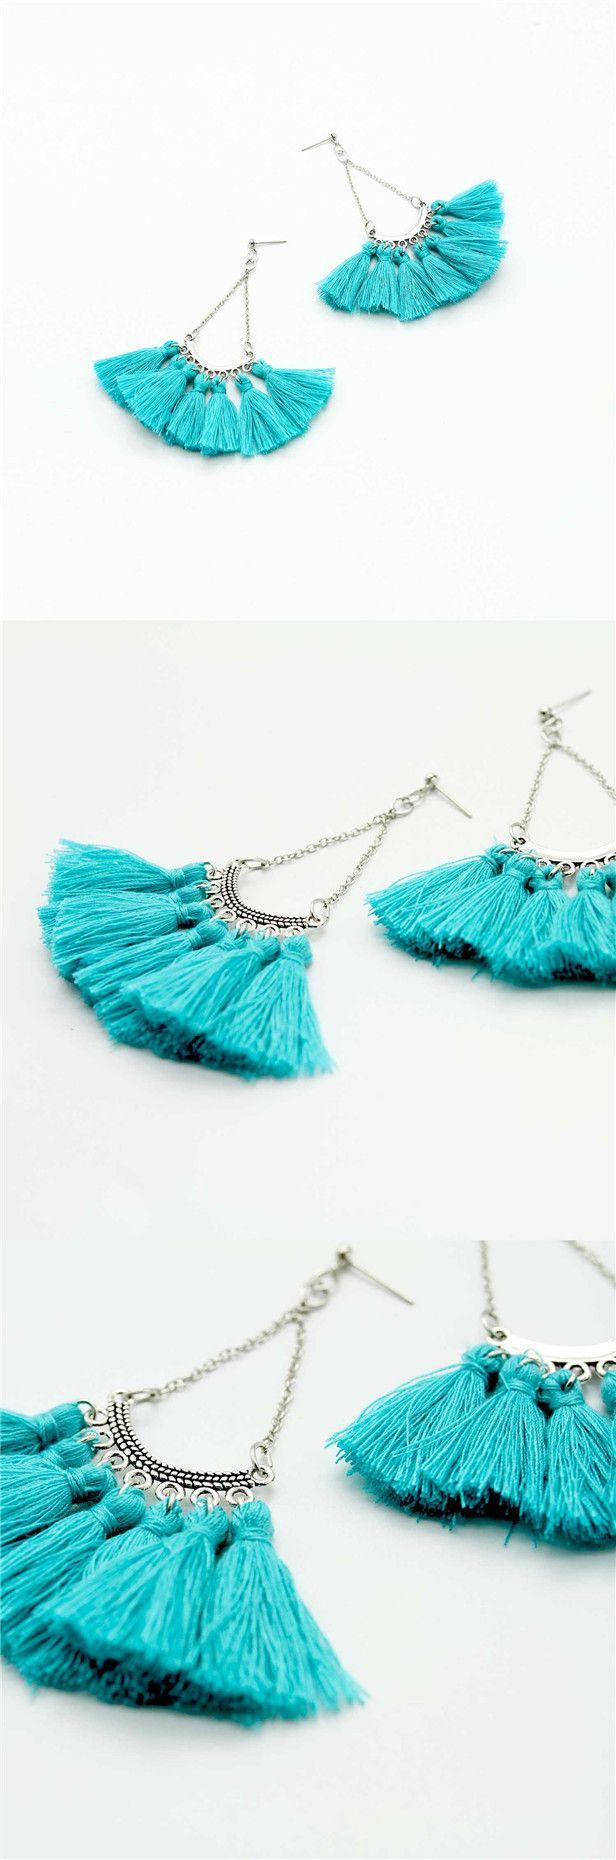 bohemian tassel earring teal fringe earrings stud handmade jewelry dangle earrings